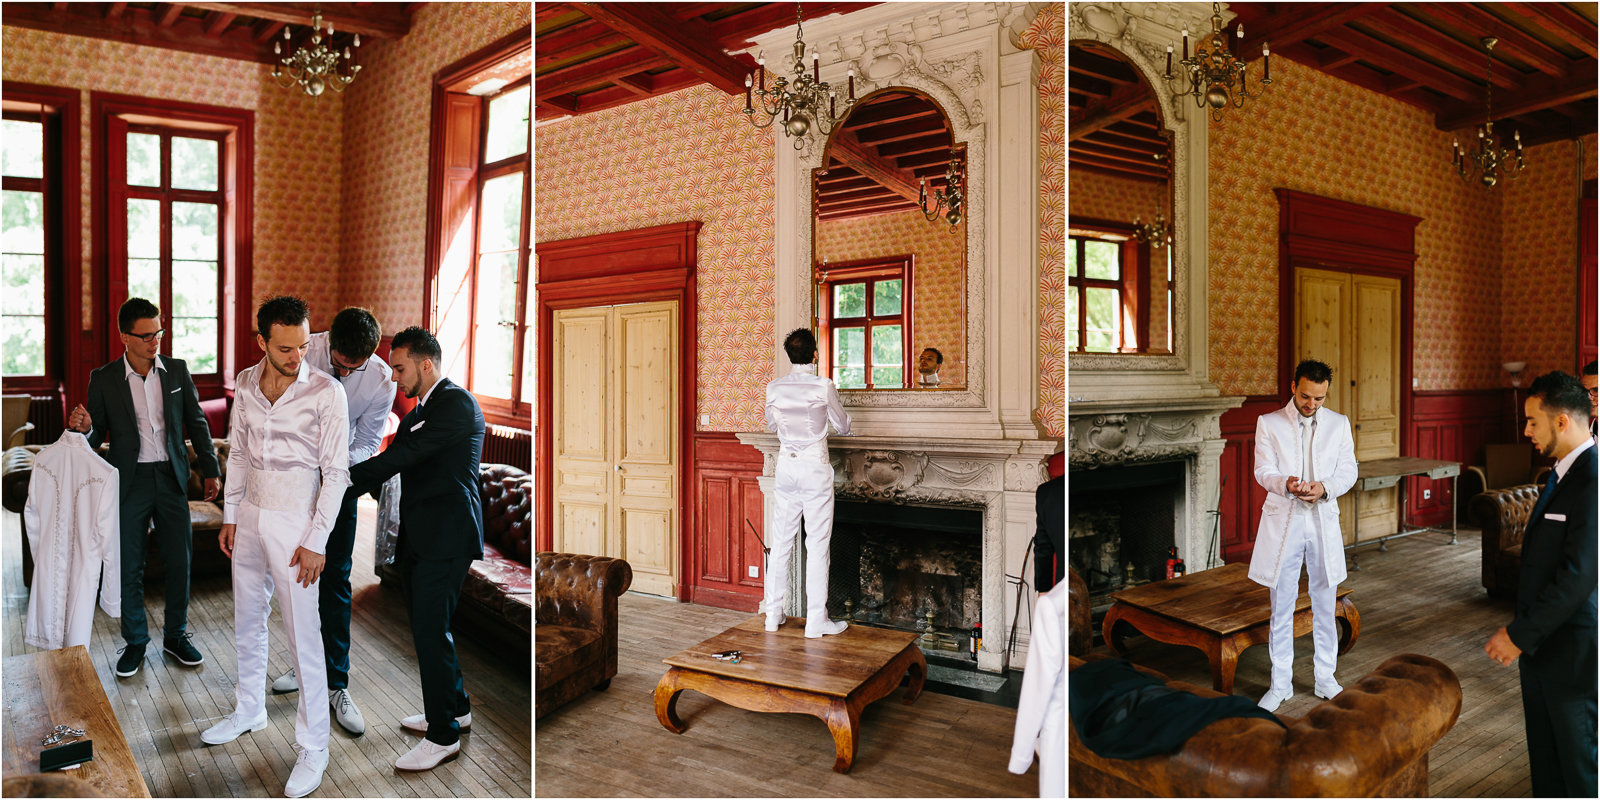 Photographe mariage la baule (4 of 12).jpg